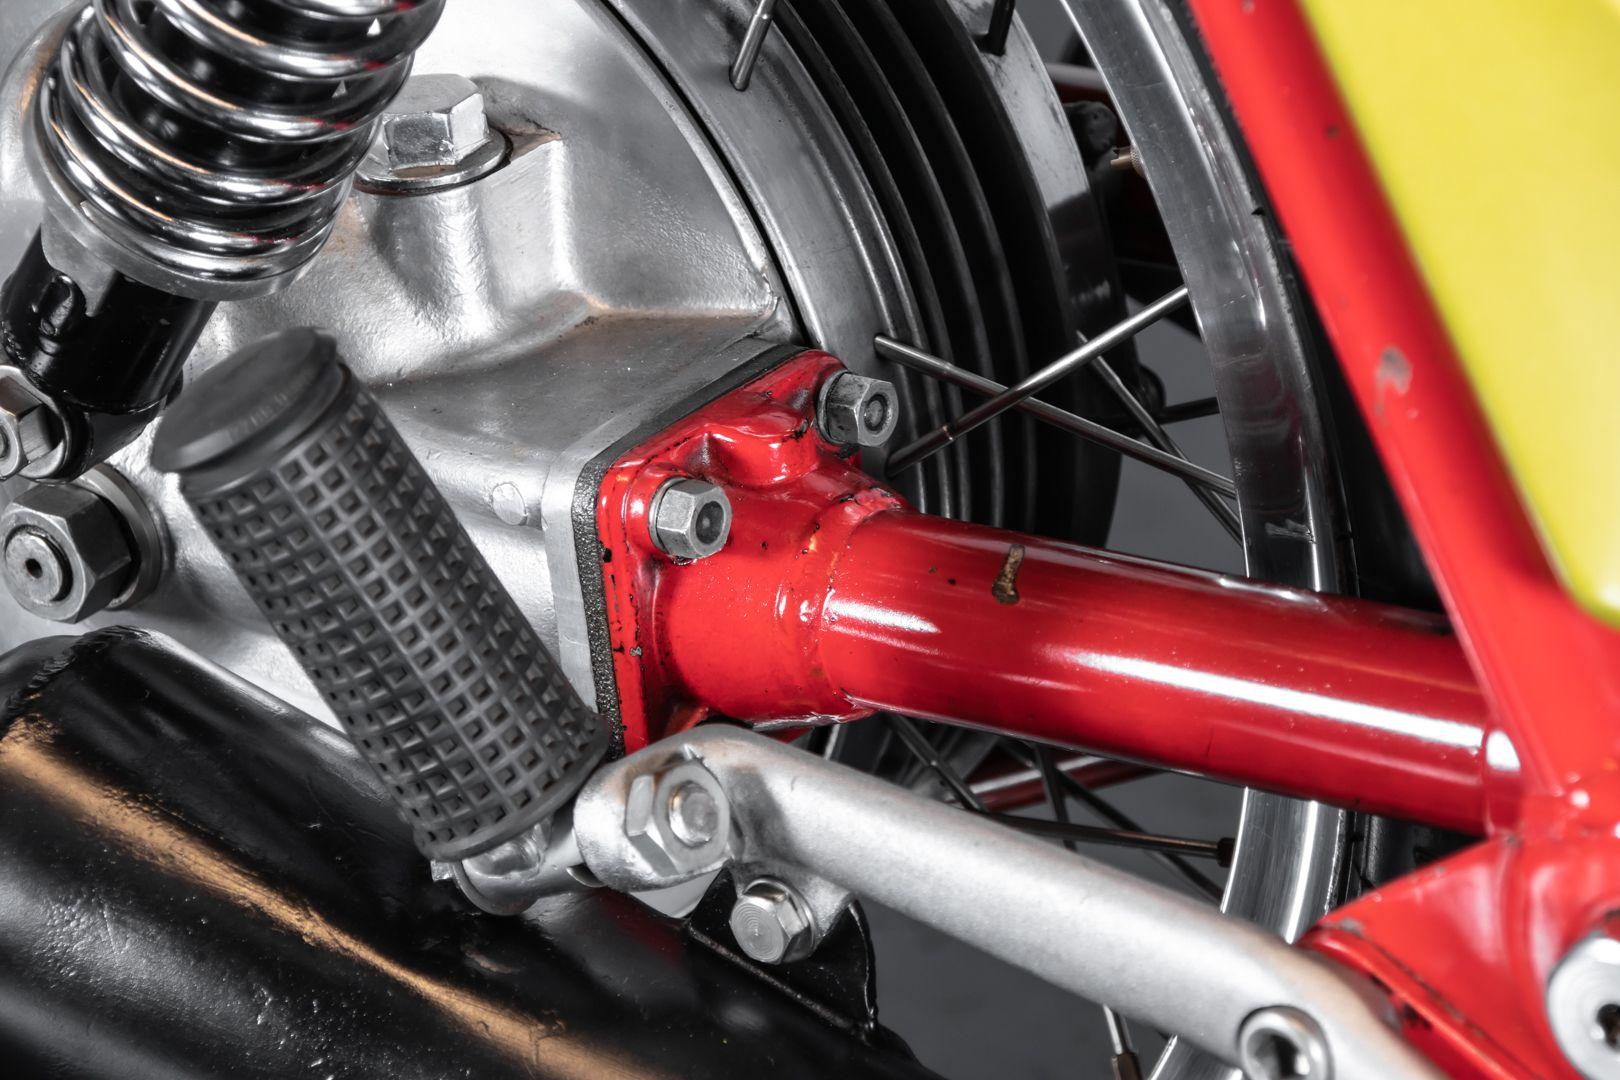 1972 Moto Guzzi V7 Sport Telaio Rosso 76535